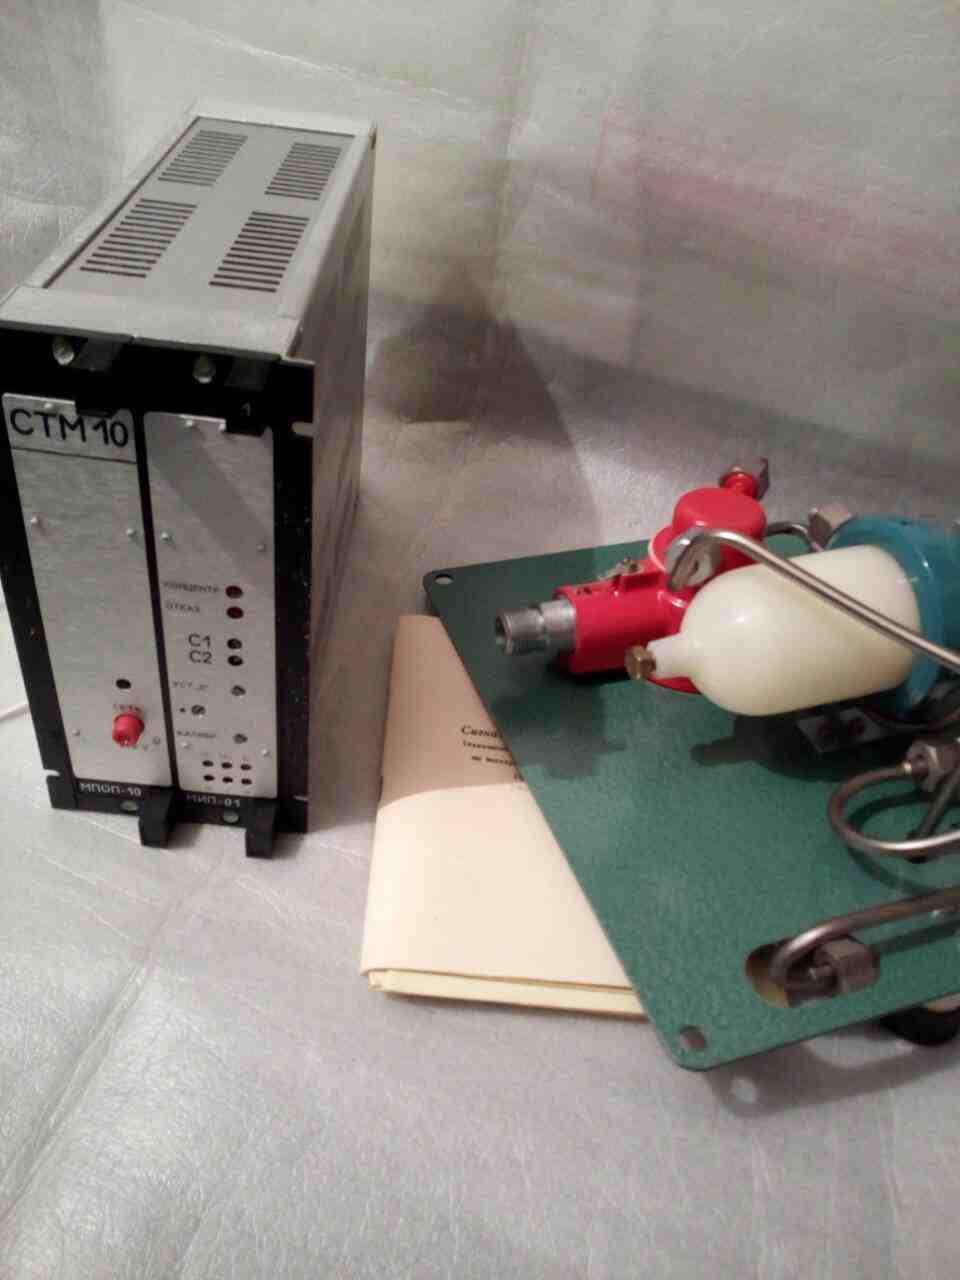 СТМ 10-0001ПБ ухл4 – стационарный сигнализатор горючих газов, зображення 1